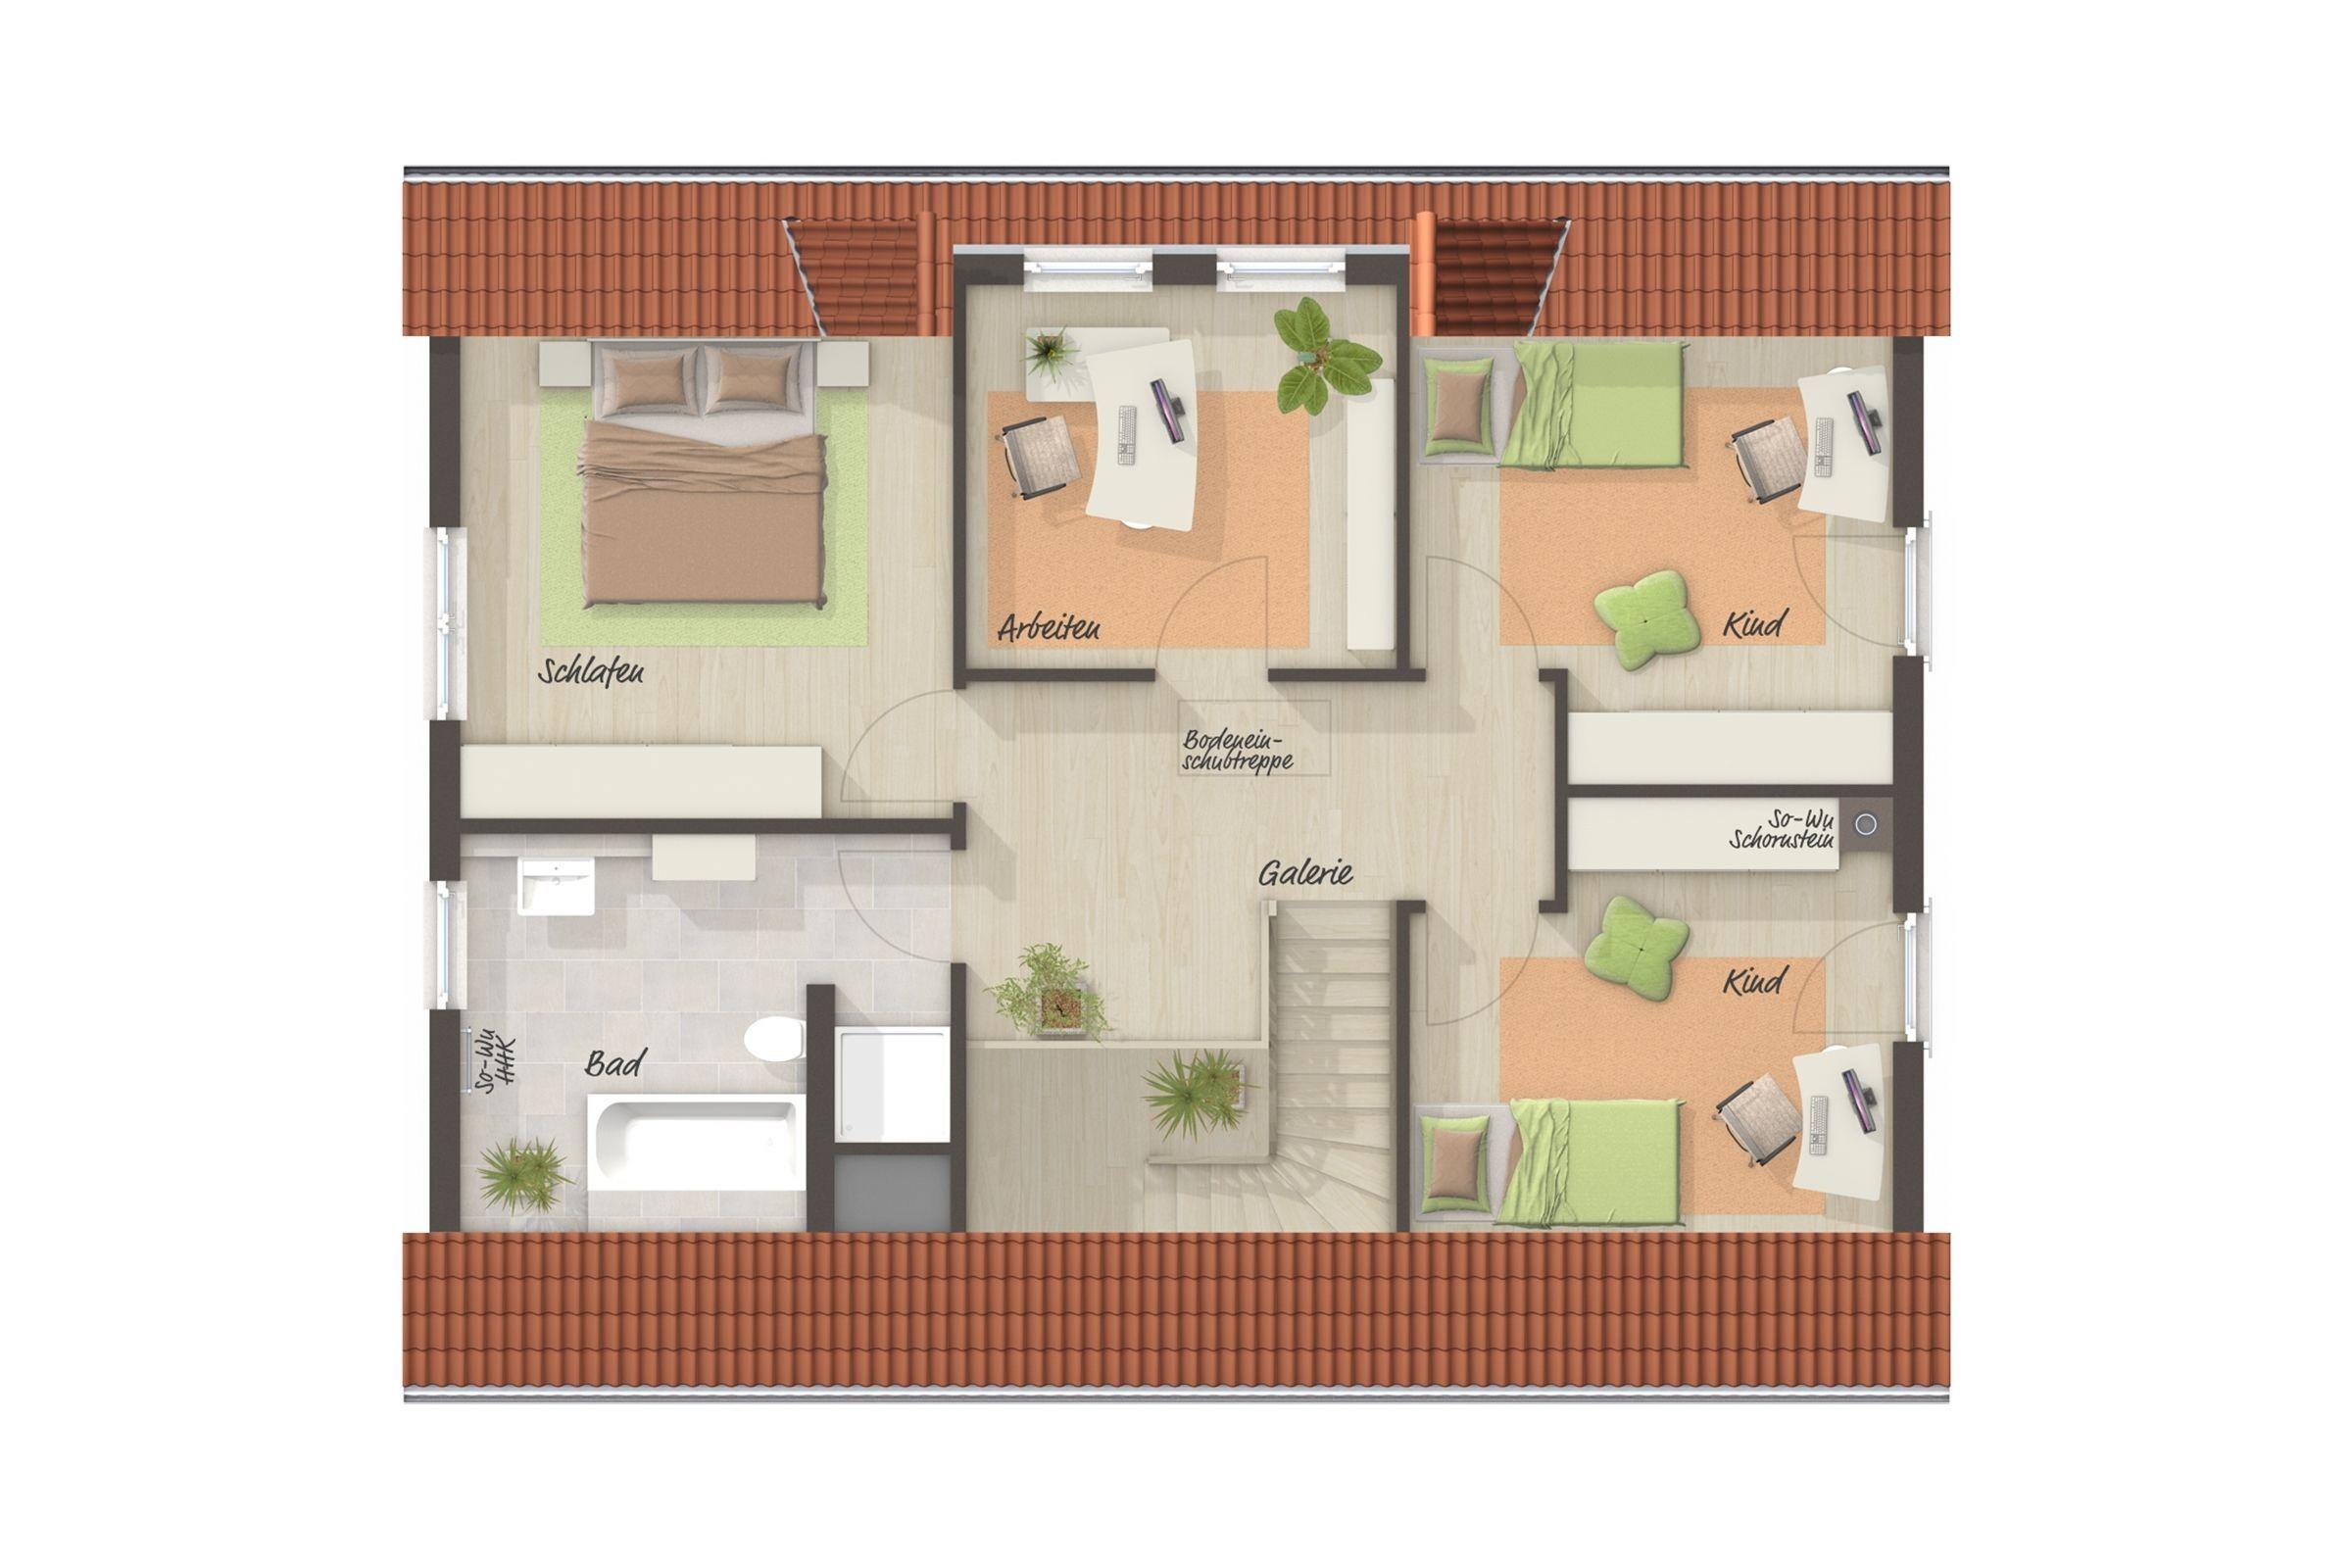 Grundriss Einfamilienhaus Obergeschoss Mit Satteldach